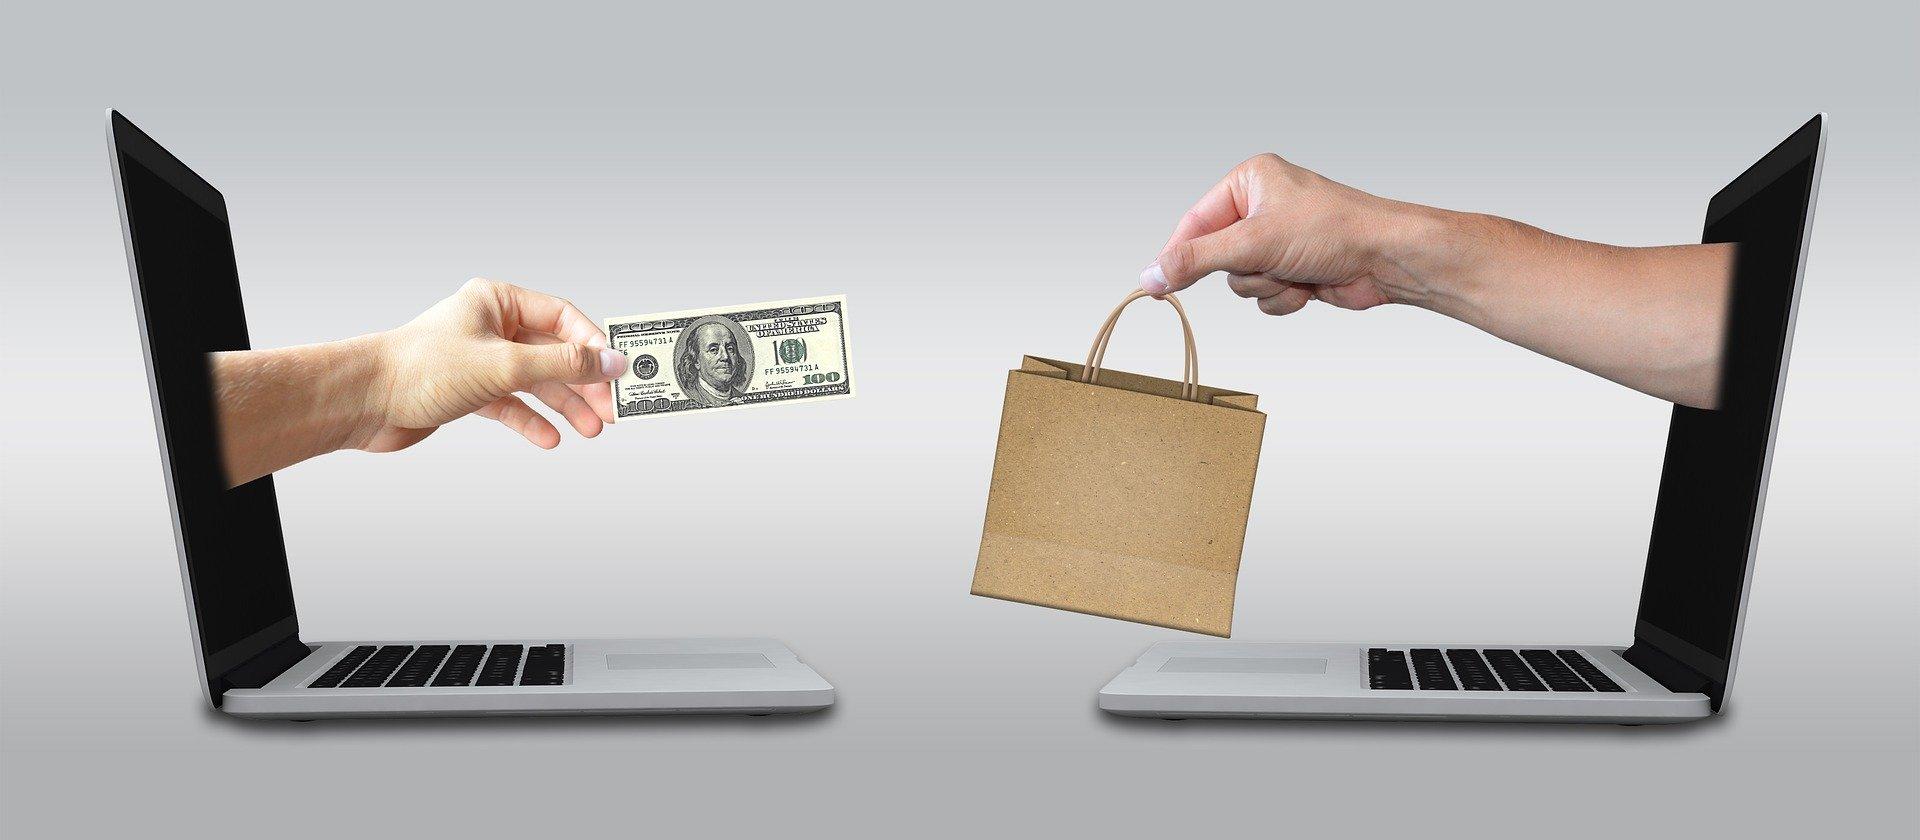 Patologiczne zakupy to we współczesnym świecie duży problem